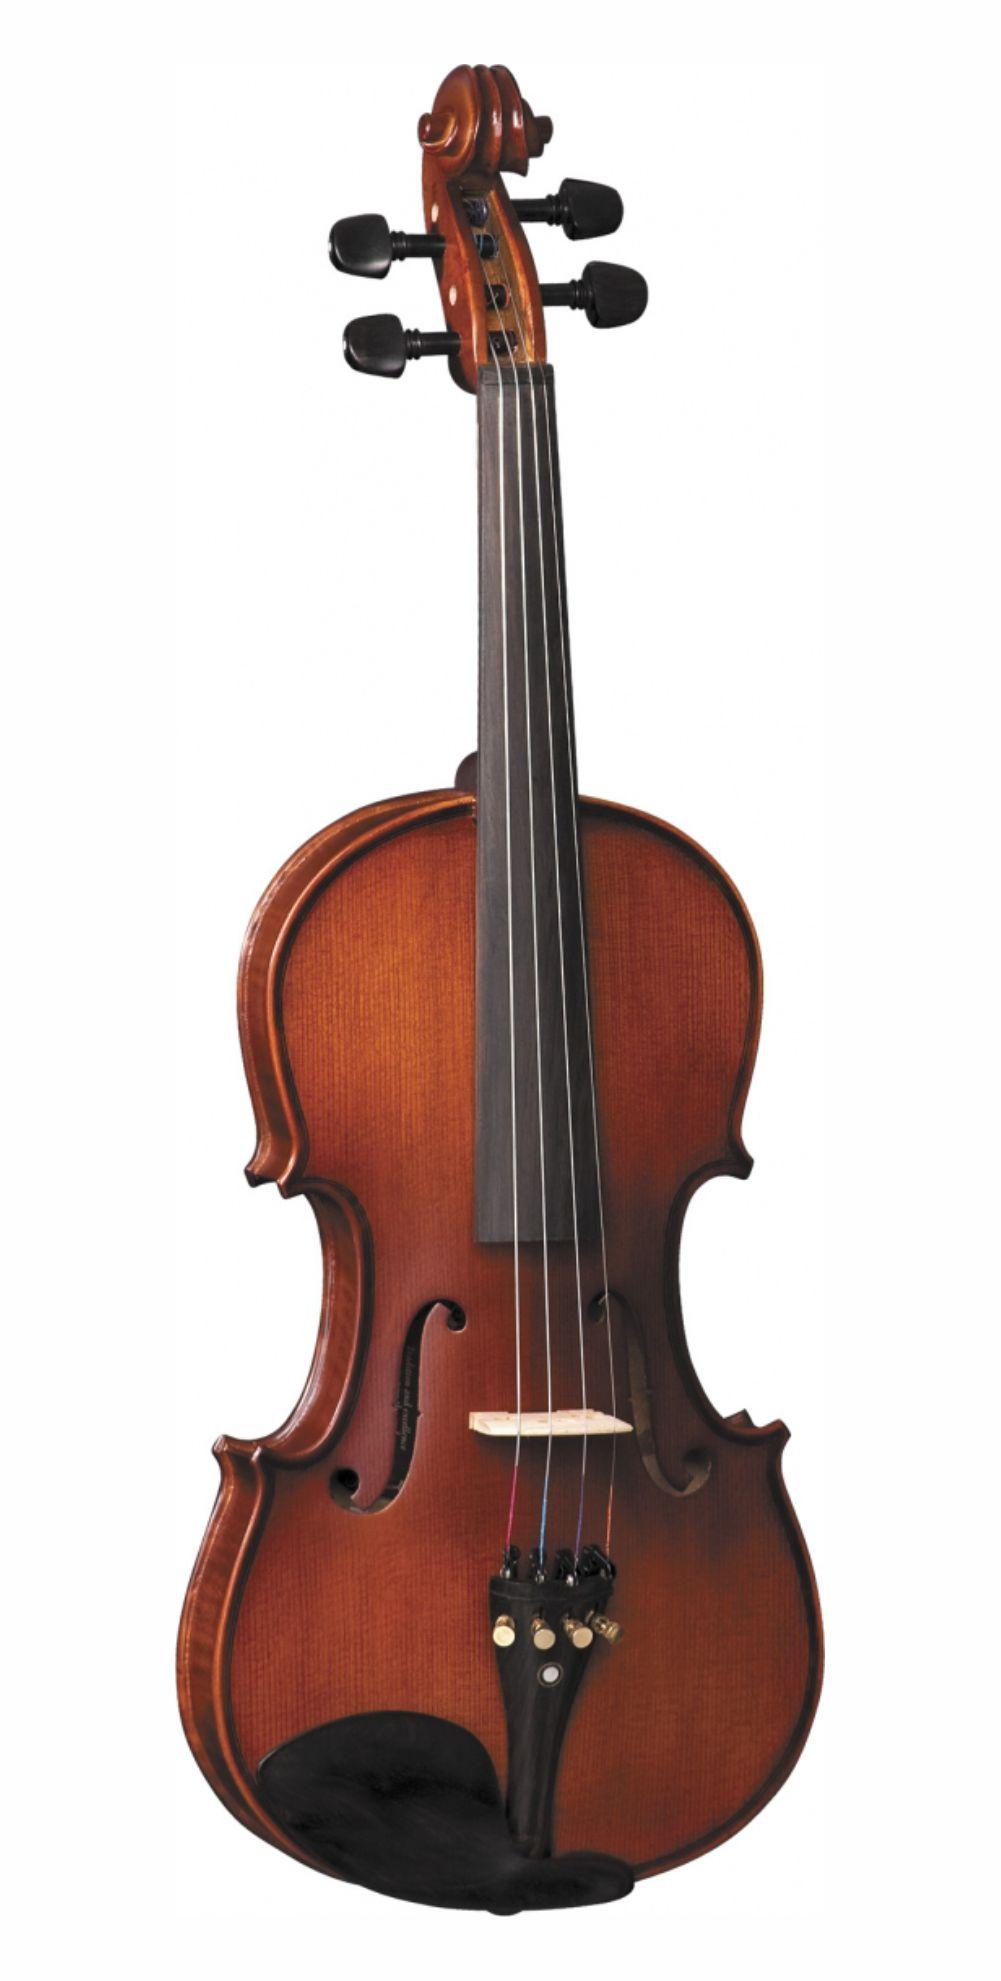 Violino Eagle VE-244 4/4 - Envelhecido